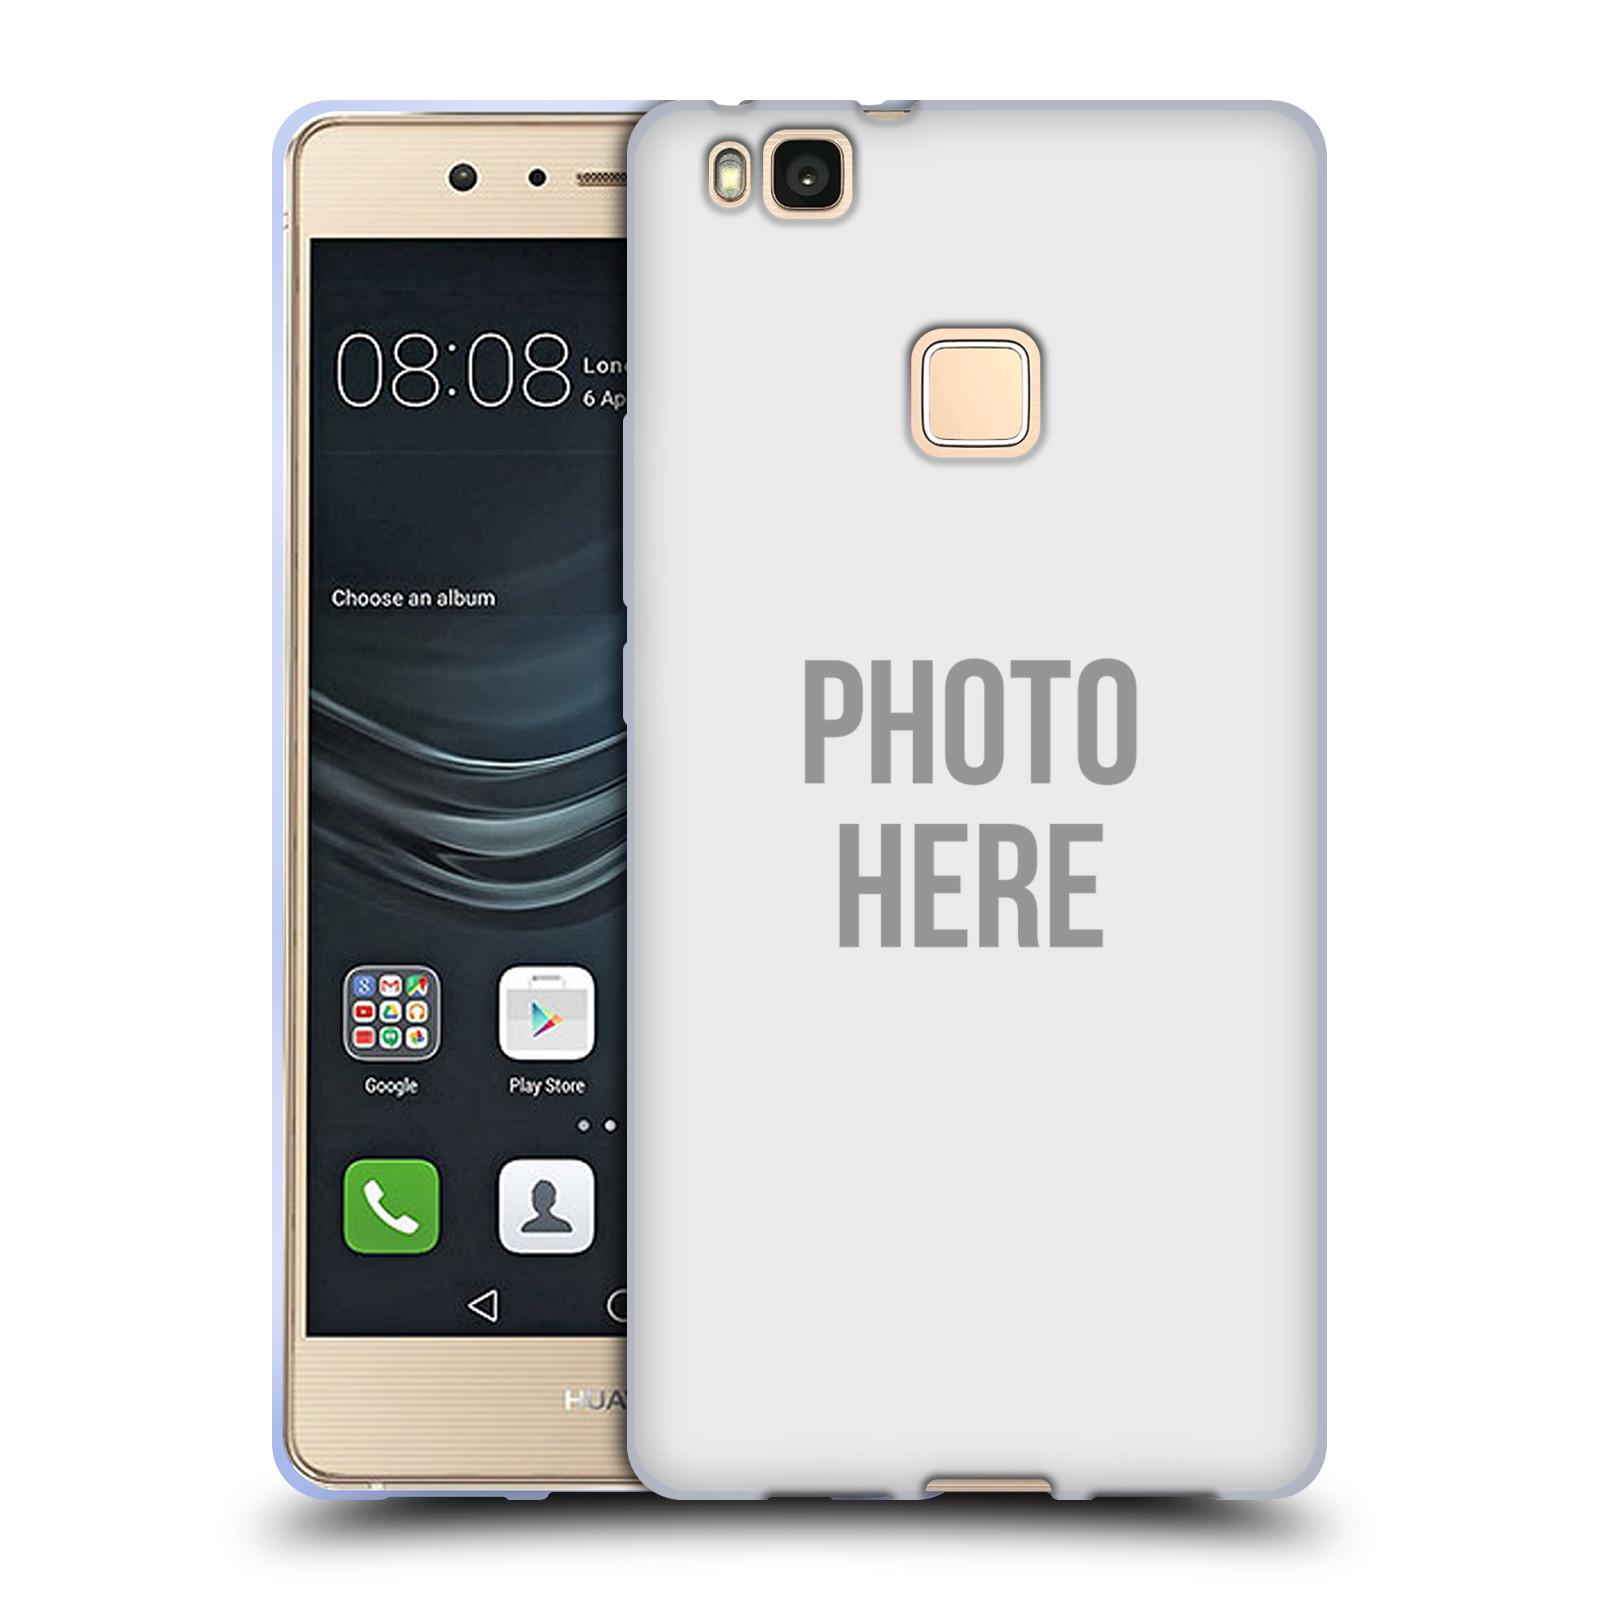 Silikonové pouzdro na mobil Huawei P9 Lite - Head Case - s vlastním motivem